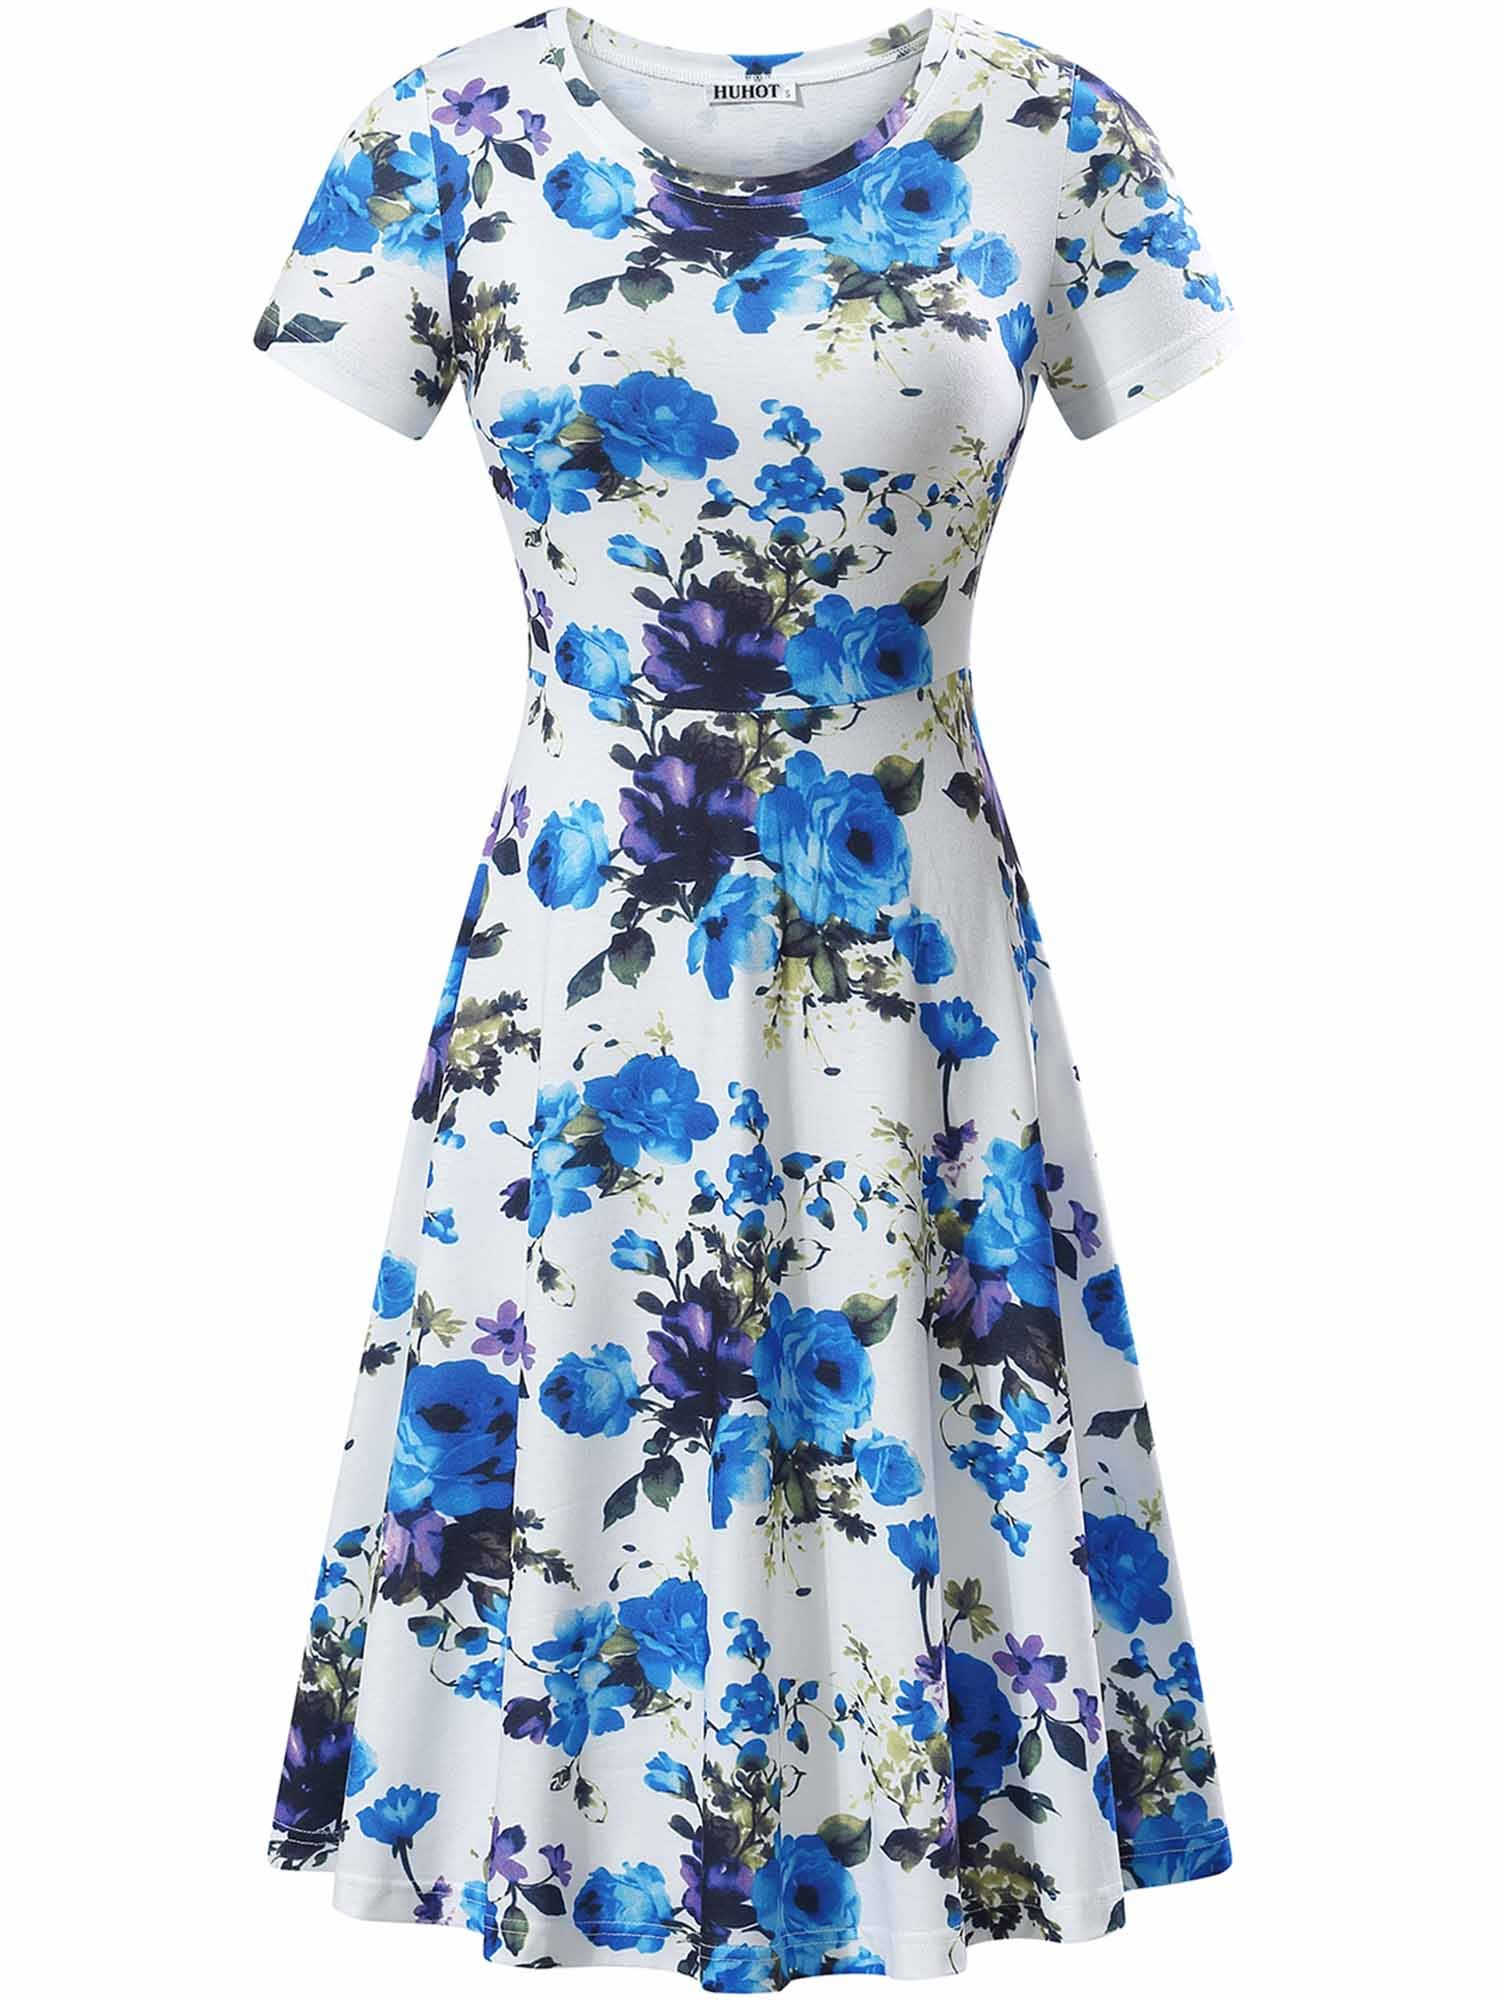 HUHOT Sundress for Women, Summer Party Midi Short Sleeves Travel Skater Dress(Print 2,Medium)